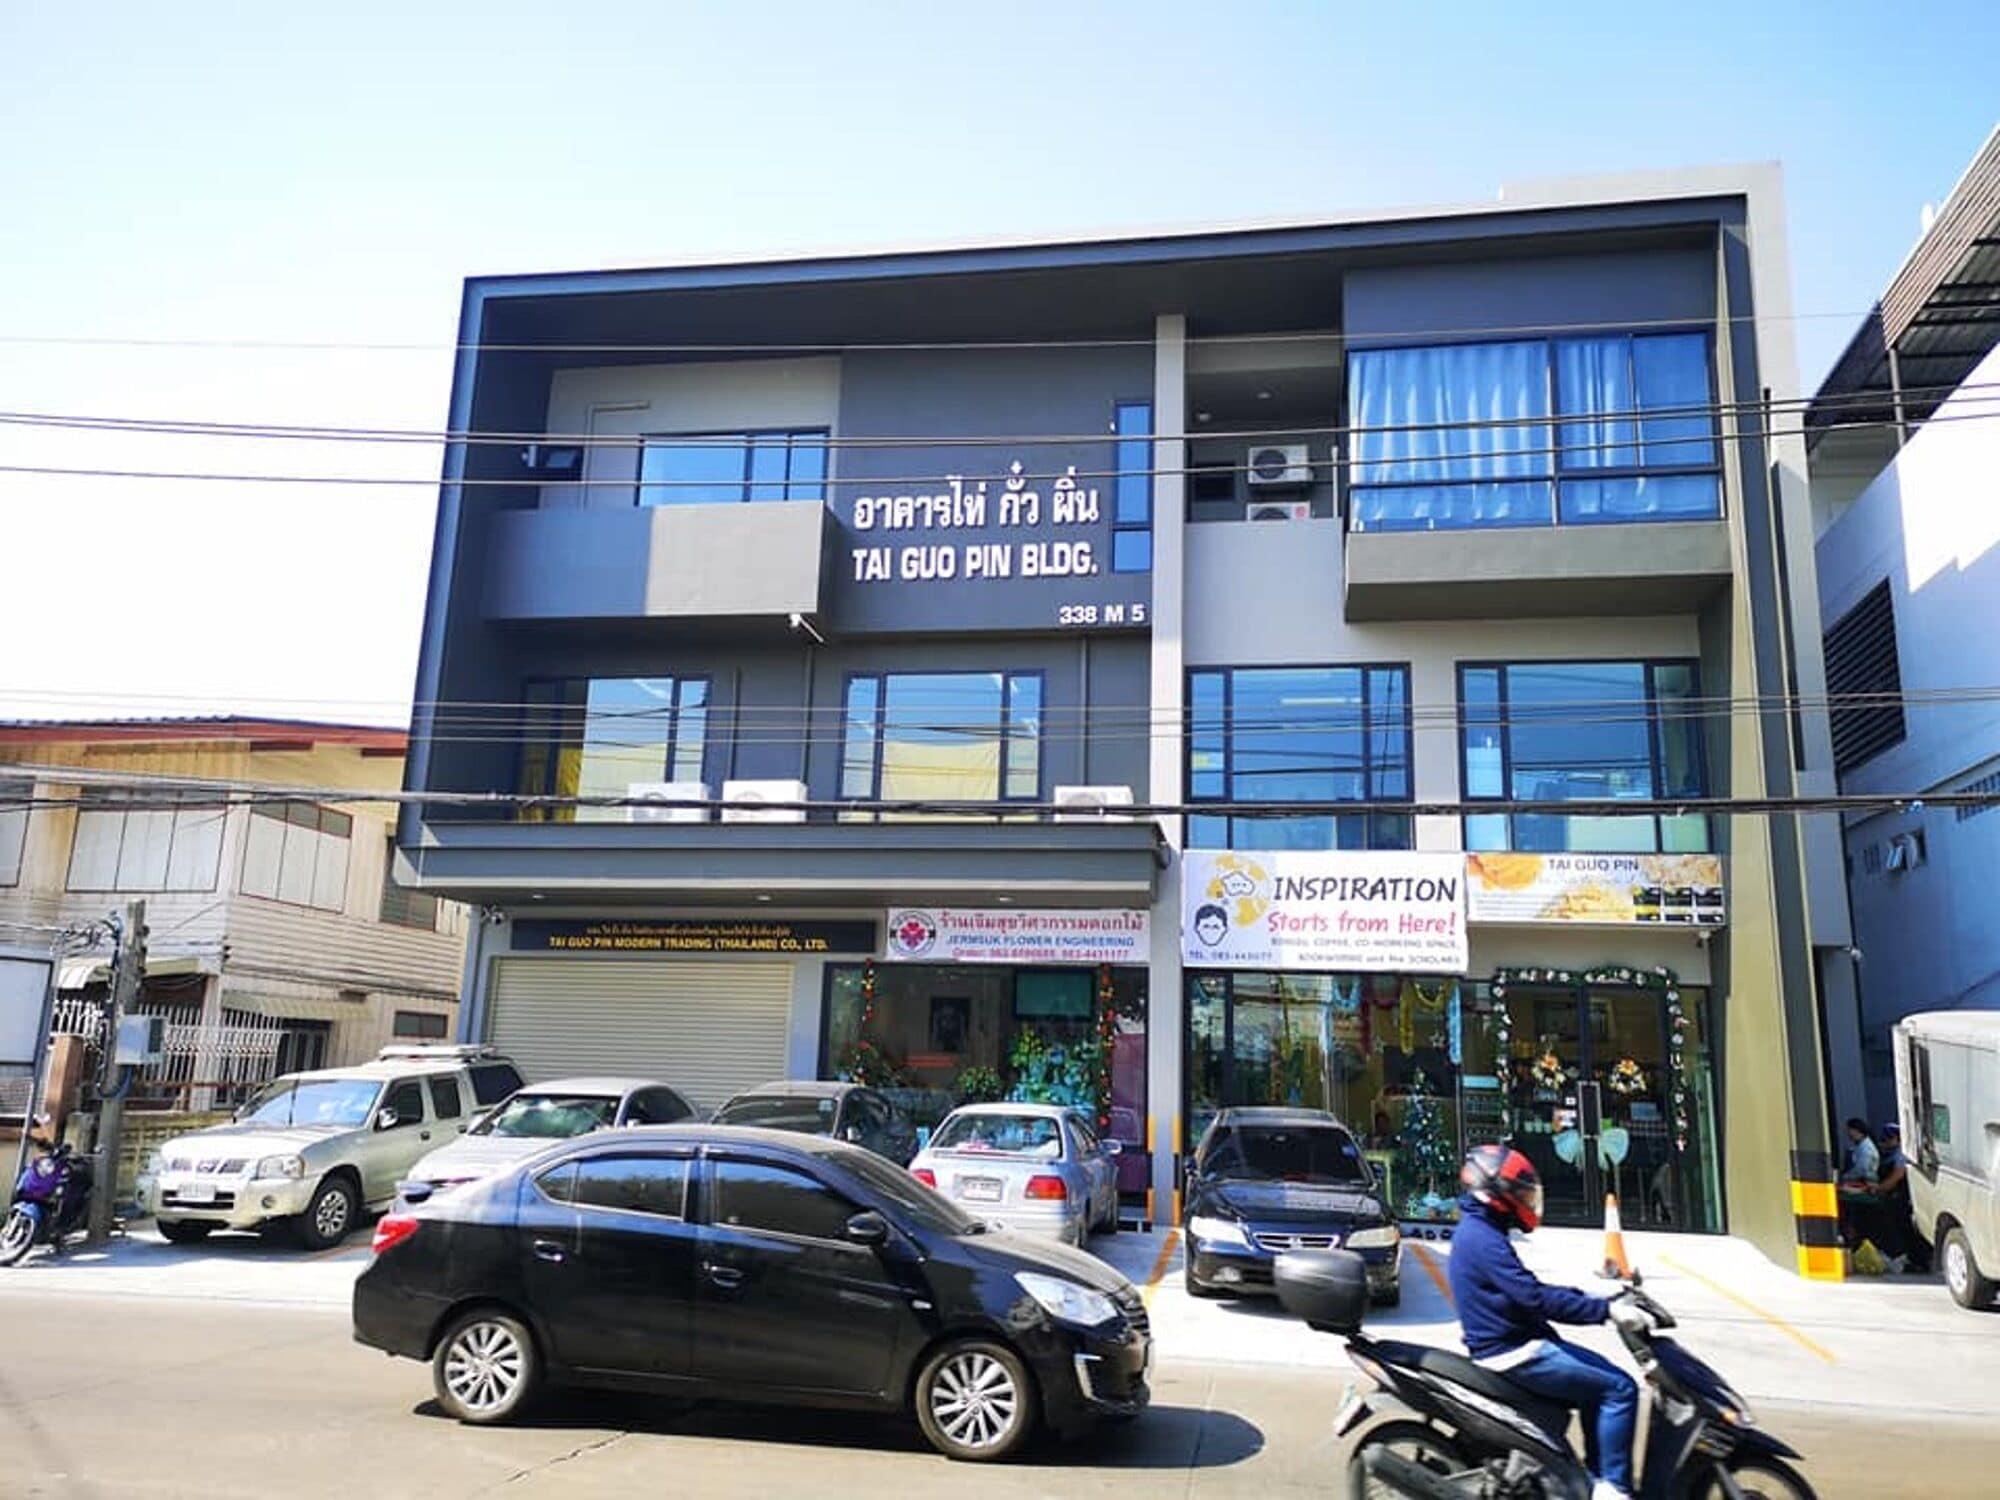 Inspiration Start From Here, Phra Pra Daeng